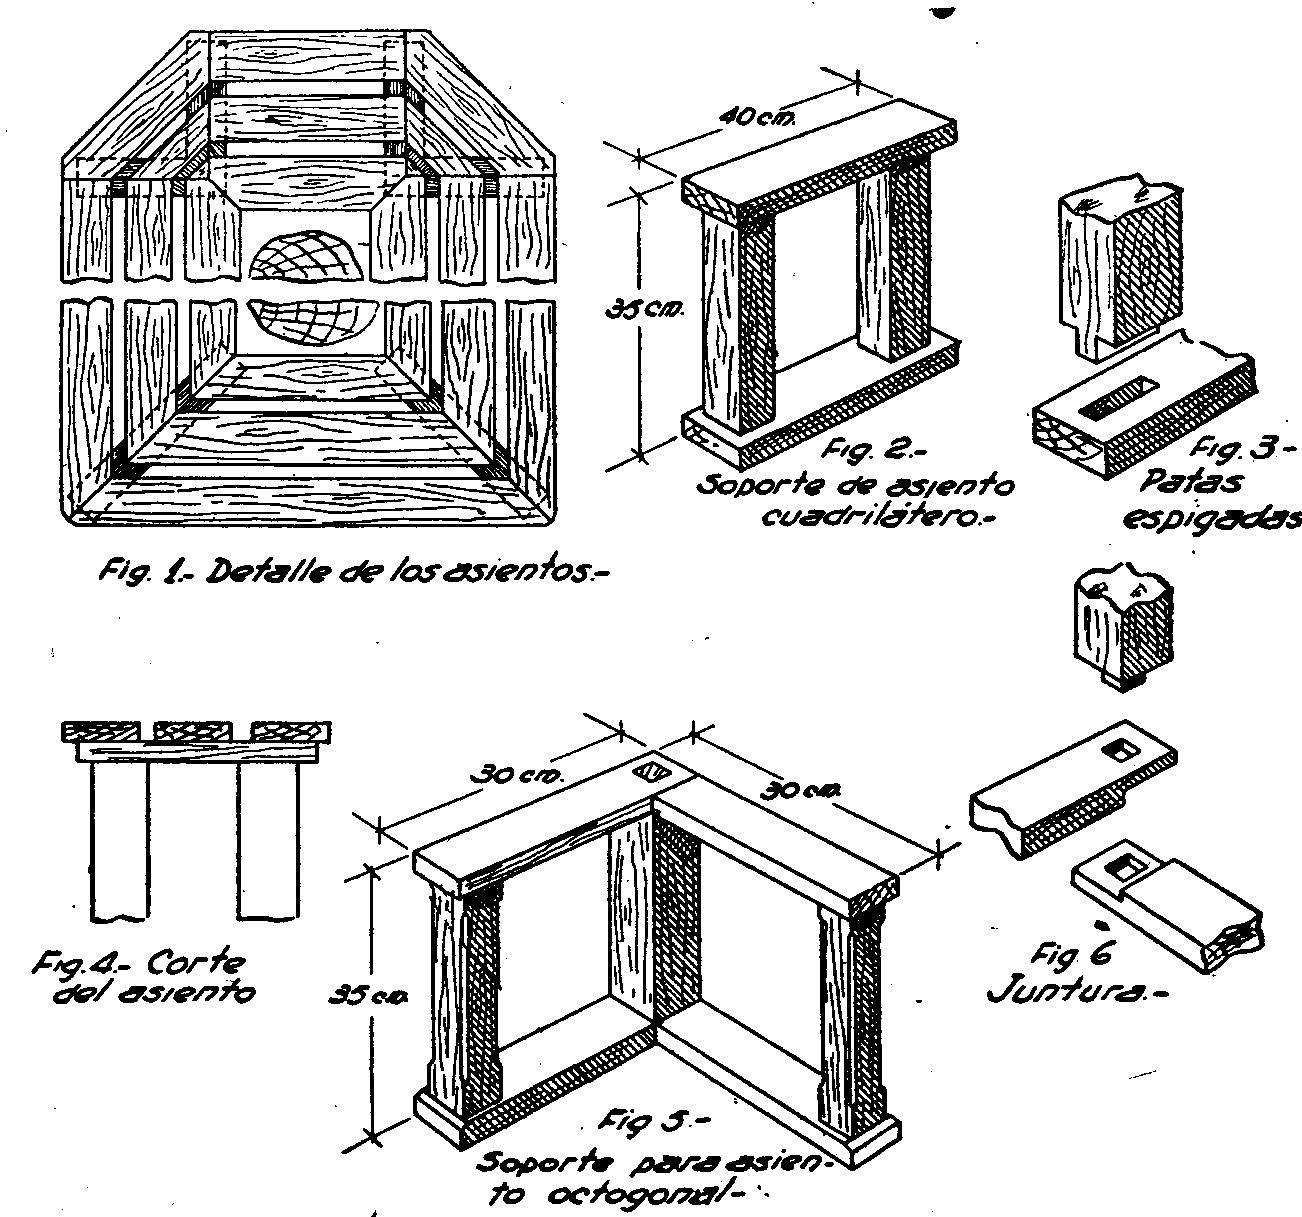 Como hacer asiento para jardin 2 como hacer for Como hacer muebles en madera